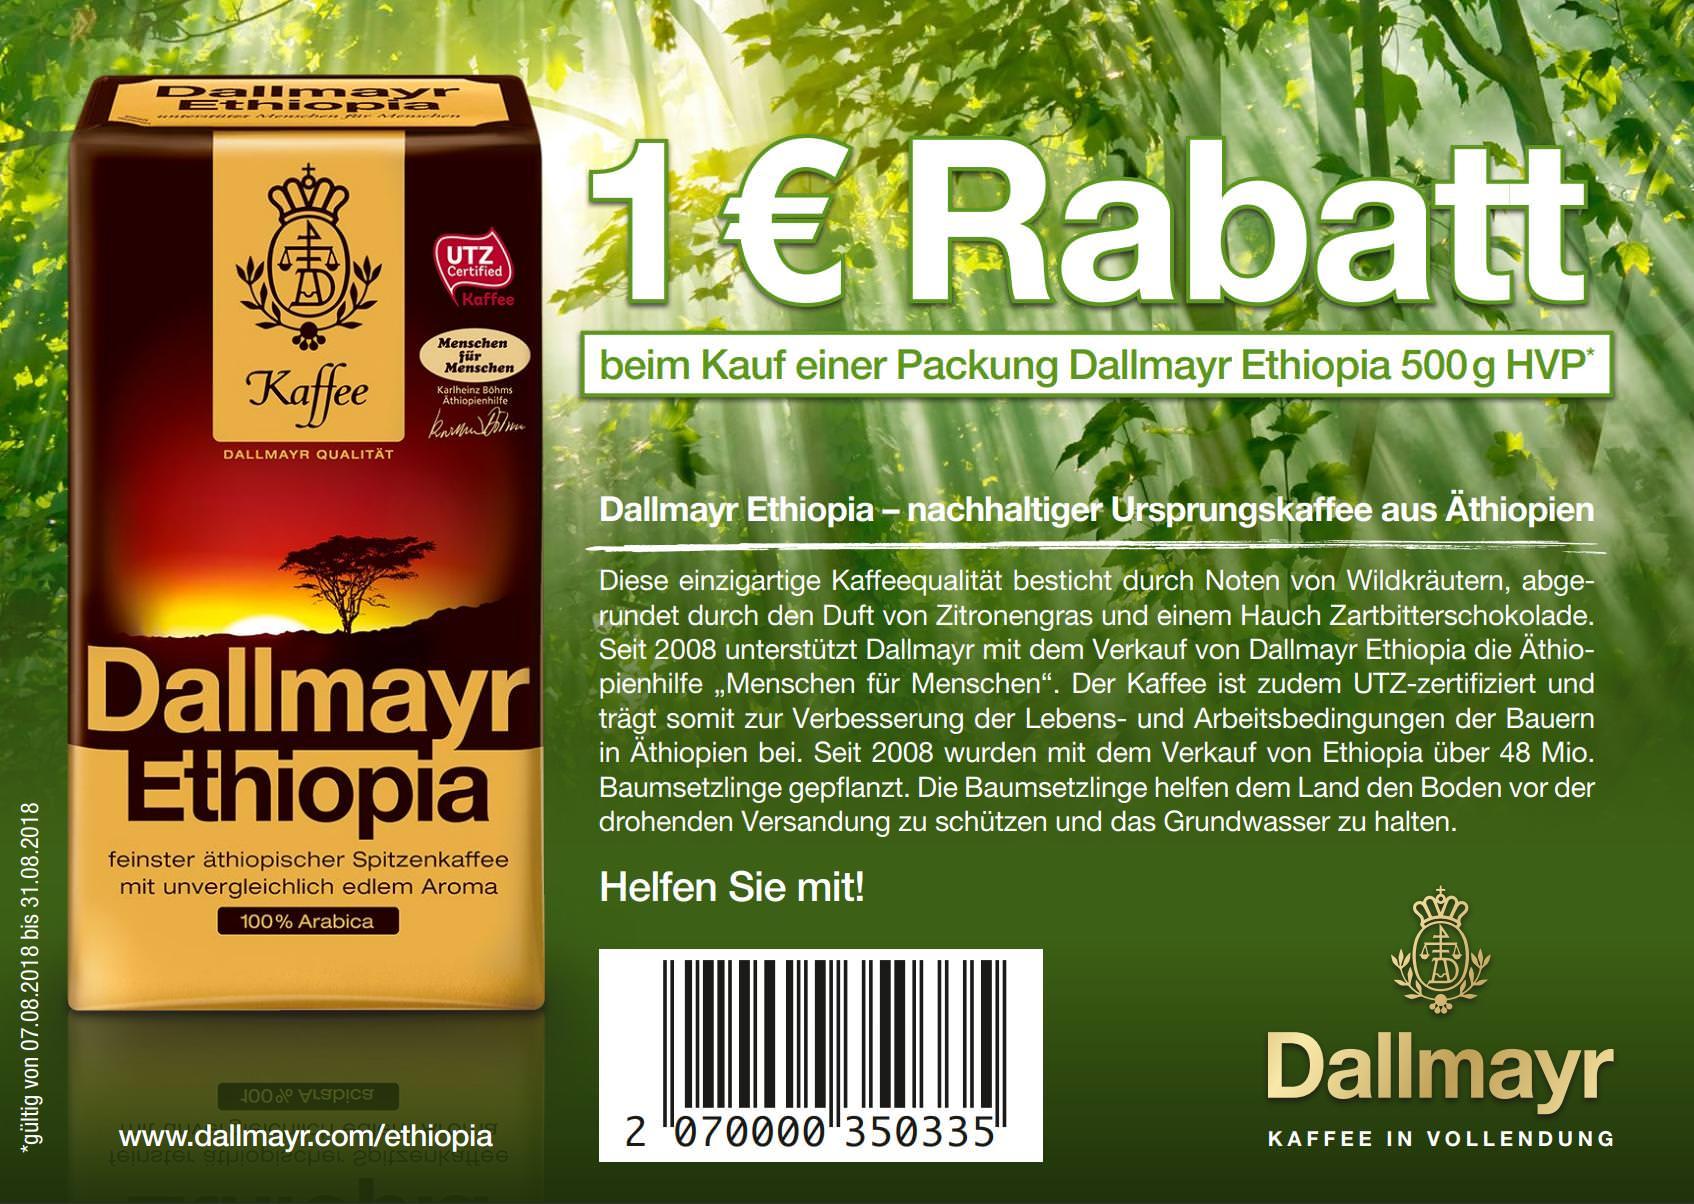 [Globus] 1,00€ Coupon für den Kauf von Dallmayr Ethiopia 500g